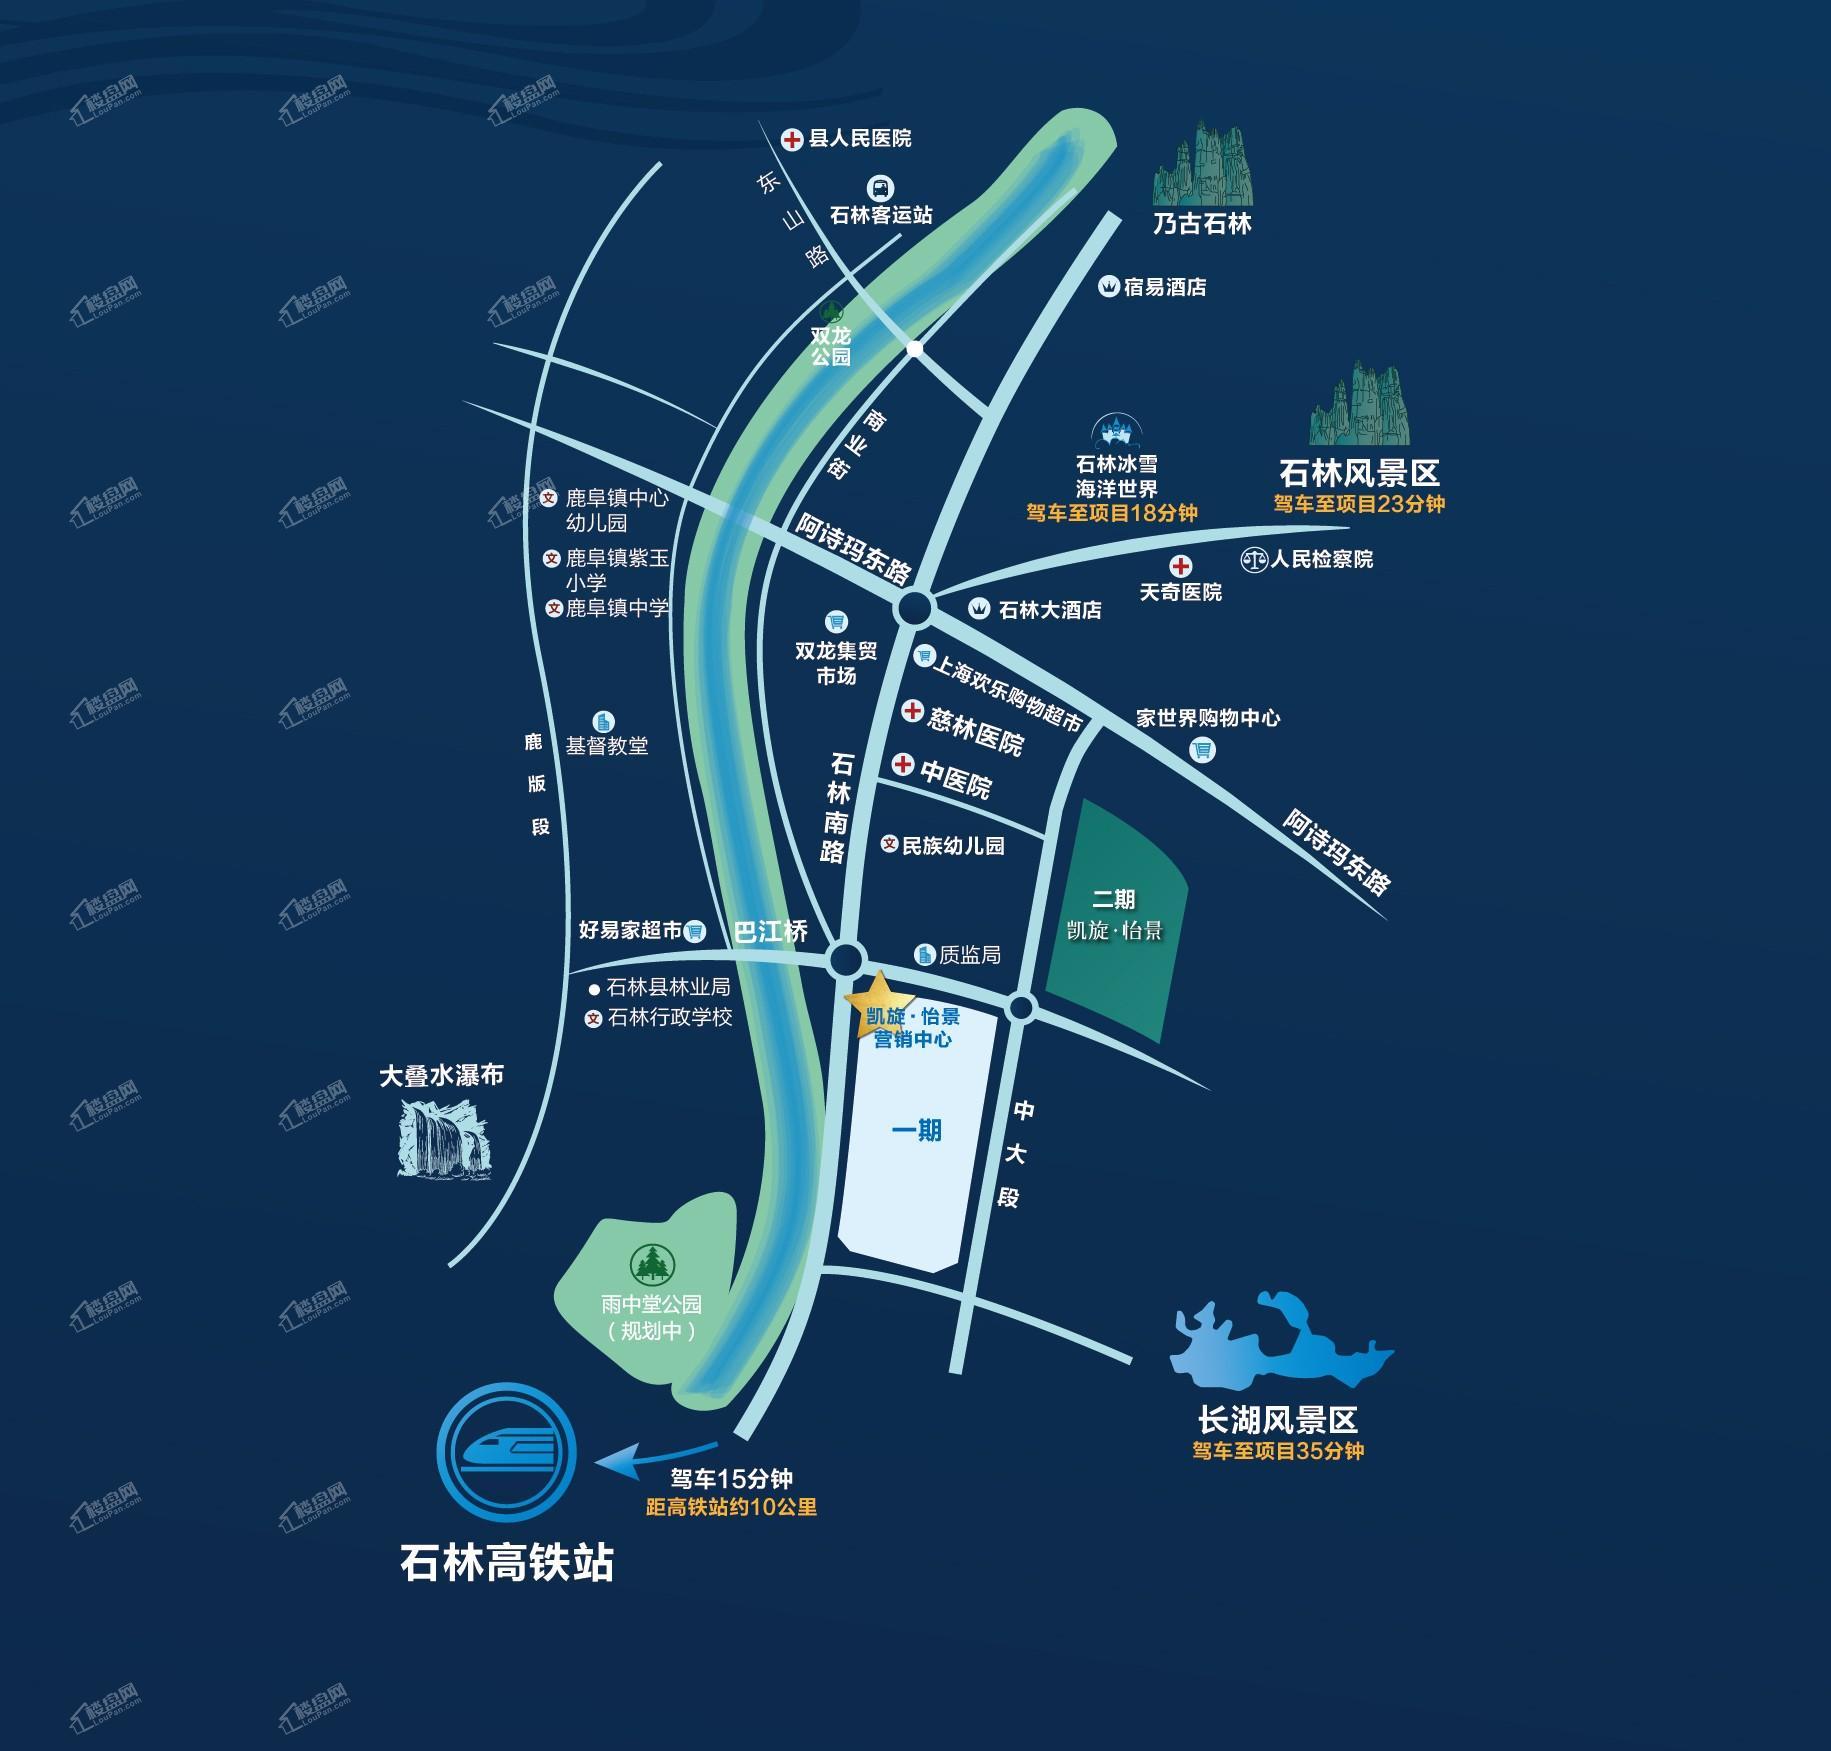 凯旋怡景位置图